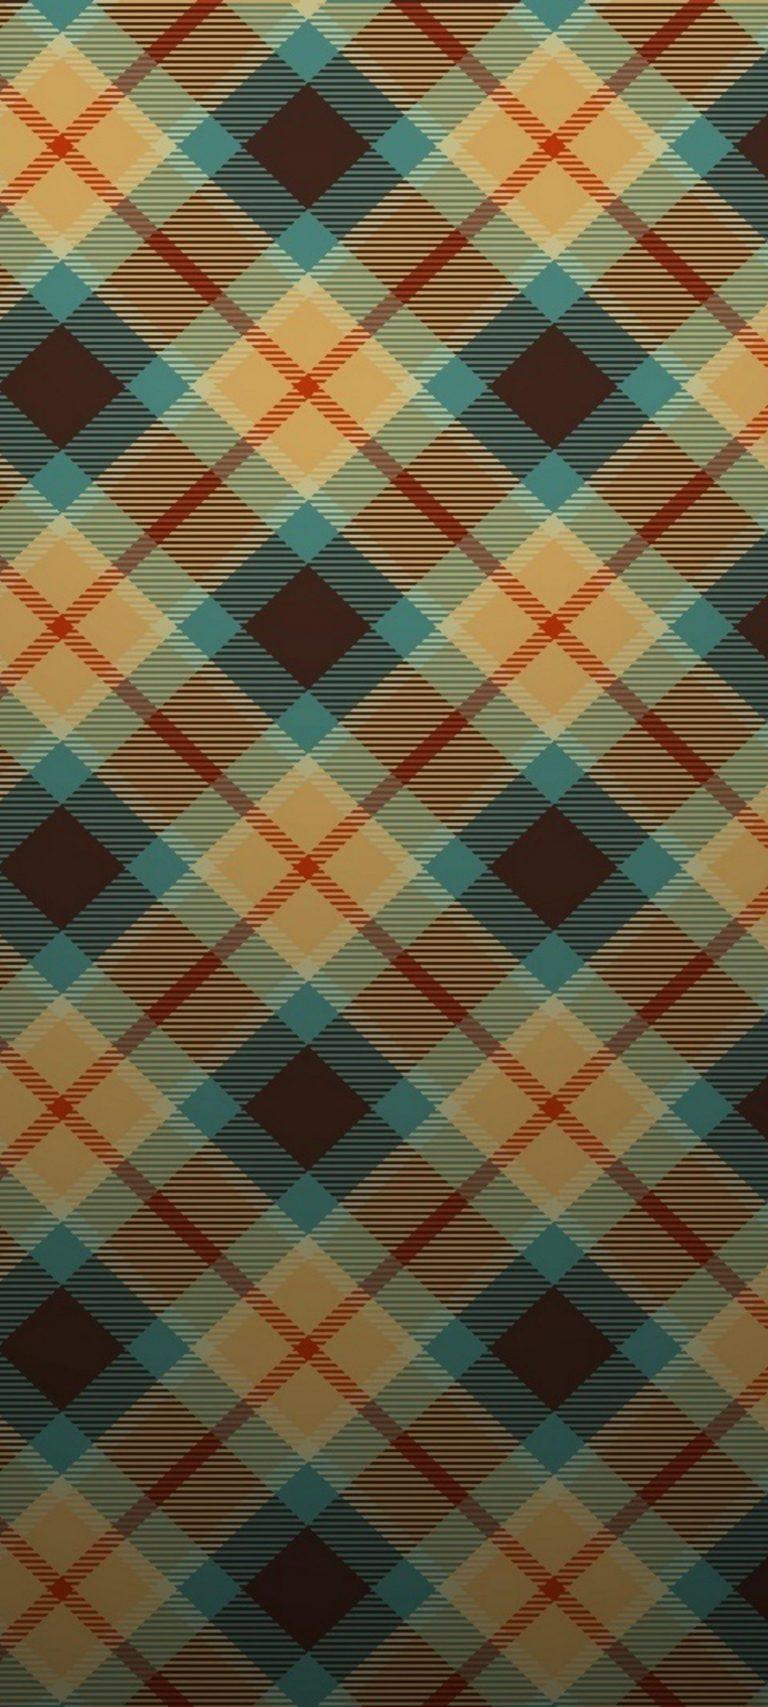 1440x3200 HD Wallpaper 134 768x1707 - 1440x3200 HD Wallpaper - 134